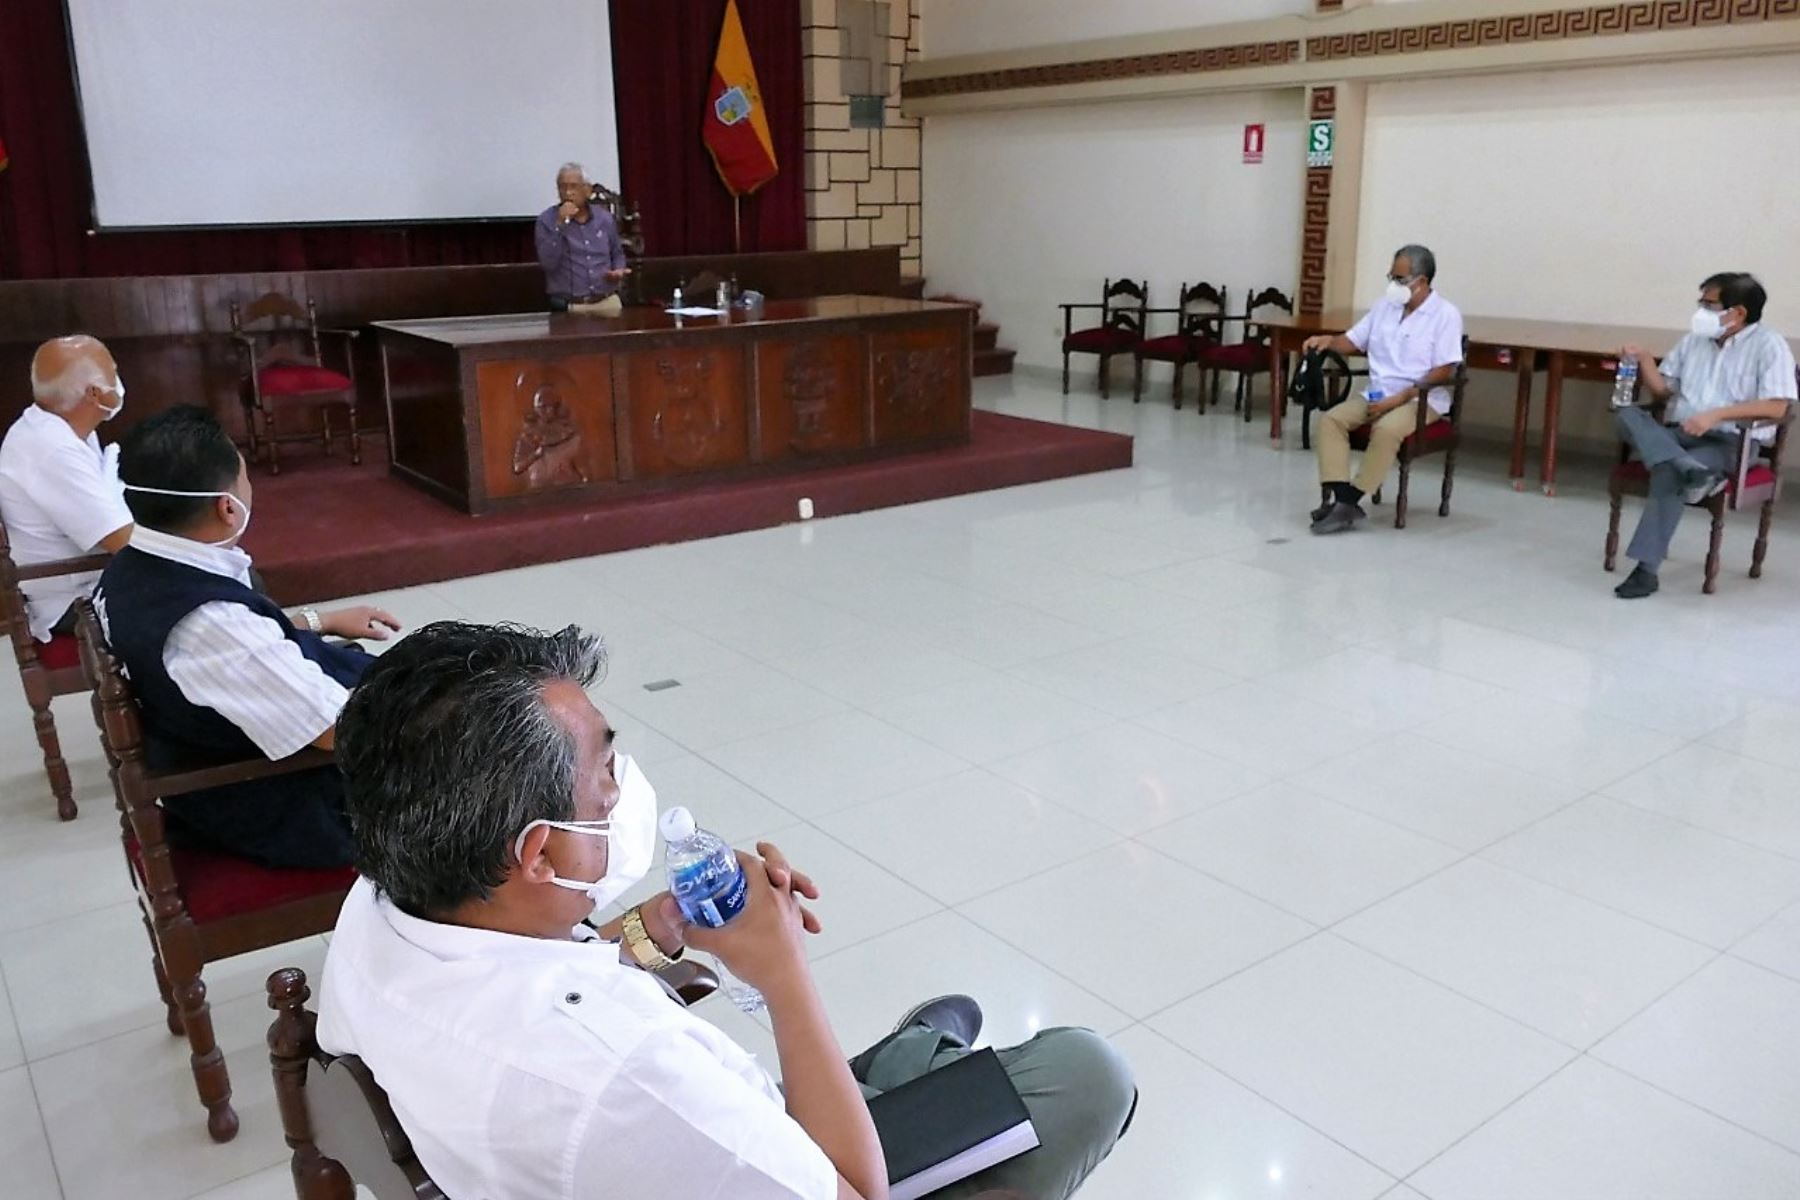 Responsables de los establecimientos de salud de Lambayeque se reúnen con el gobernador regional, Anselmo Lozano, para coordinar acciones frente a la segunda ola de covid-19.